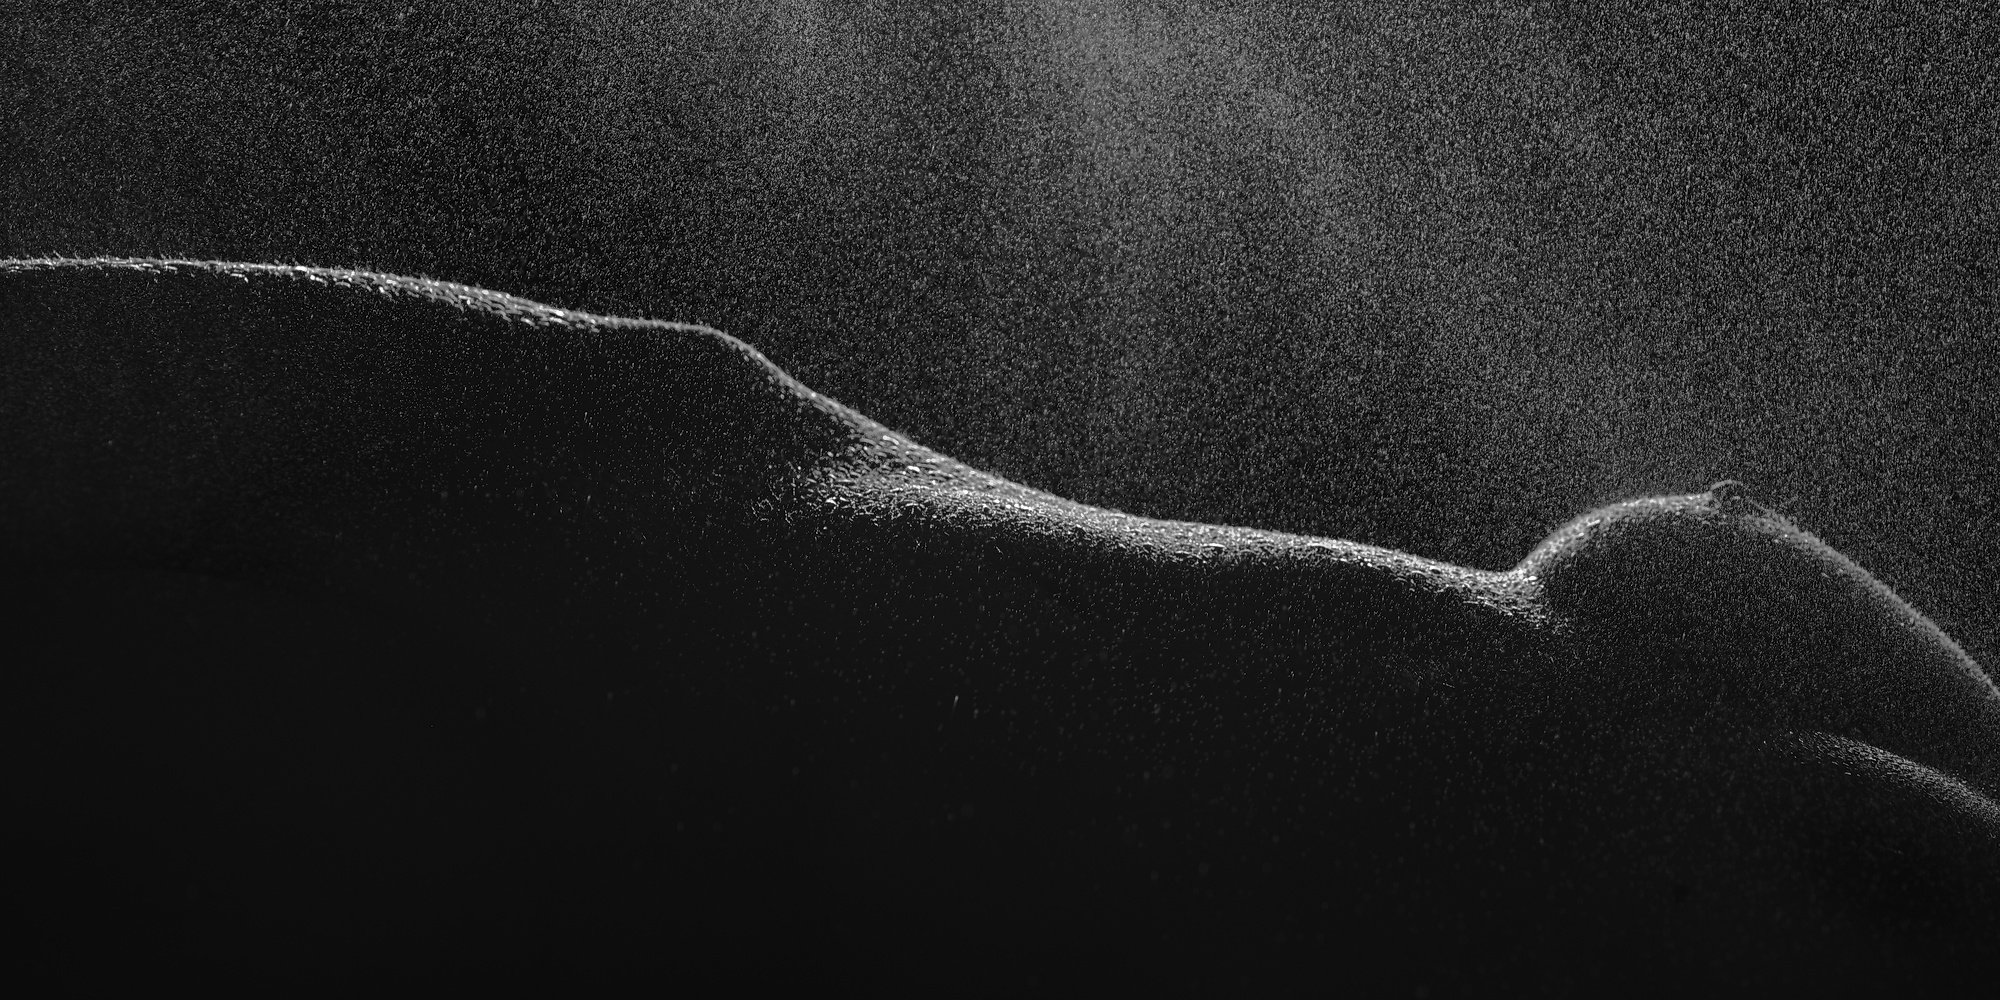 тело вода холод женщина грудь ню темнота капли талия, Михаил Землянский